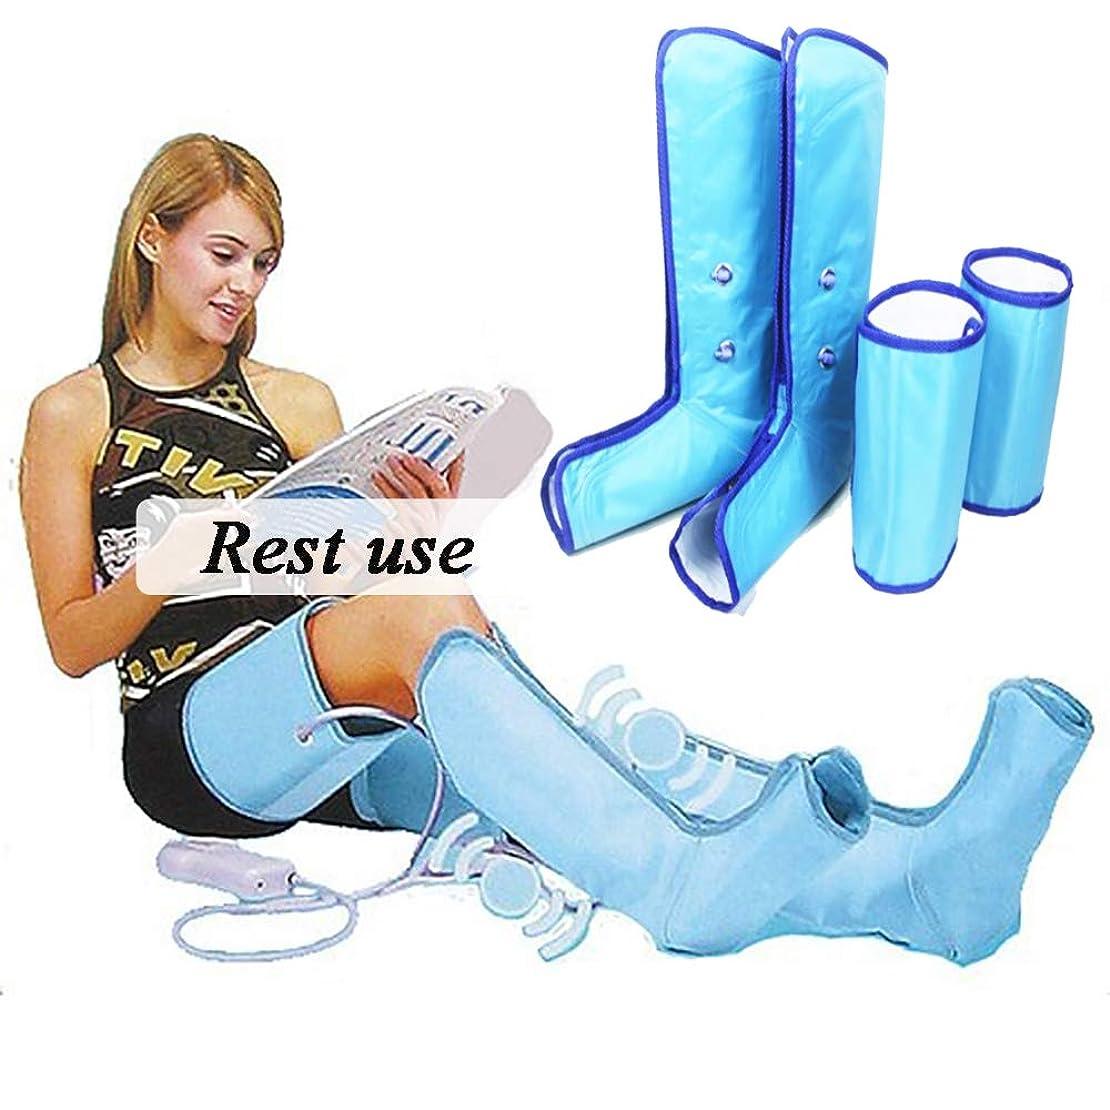 最愛の関係ないもちろん足のマッサージトマッサージャー循環と筋肉のリラクゼーションに役立つ足とふくらはぎの空気圧縮マッサージを備えたレッグマッサージャー